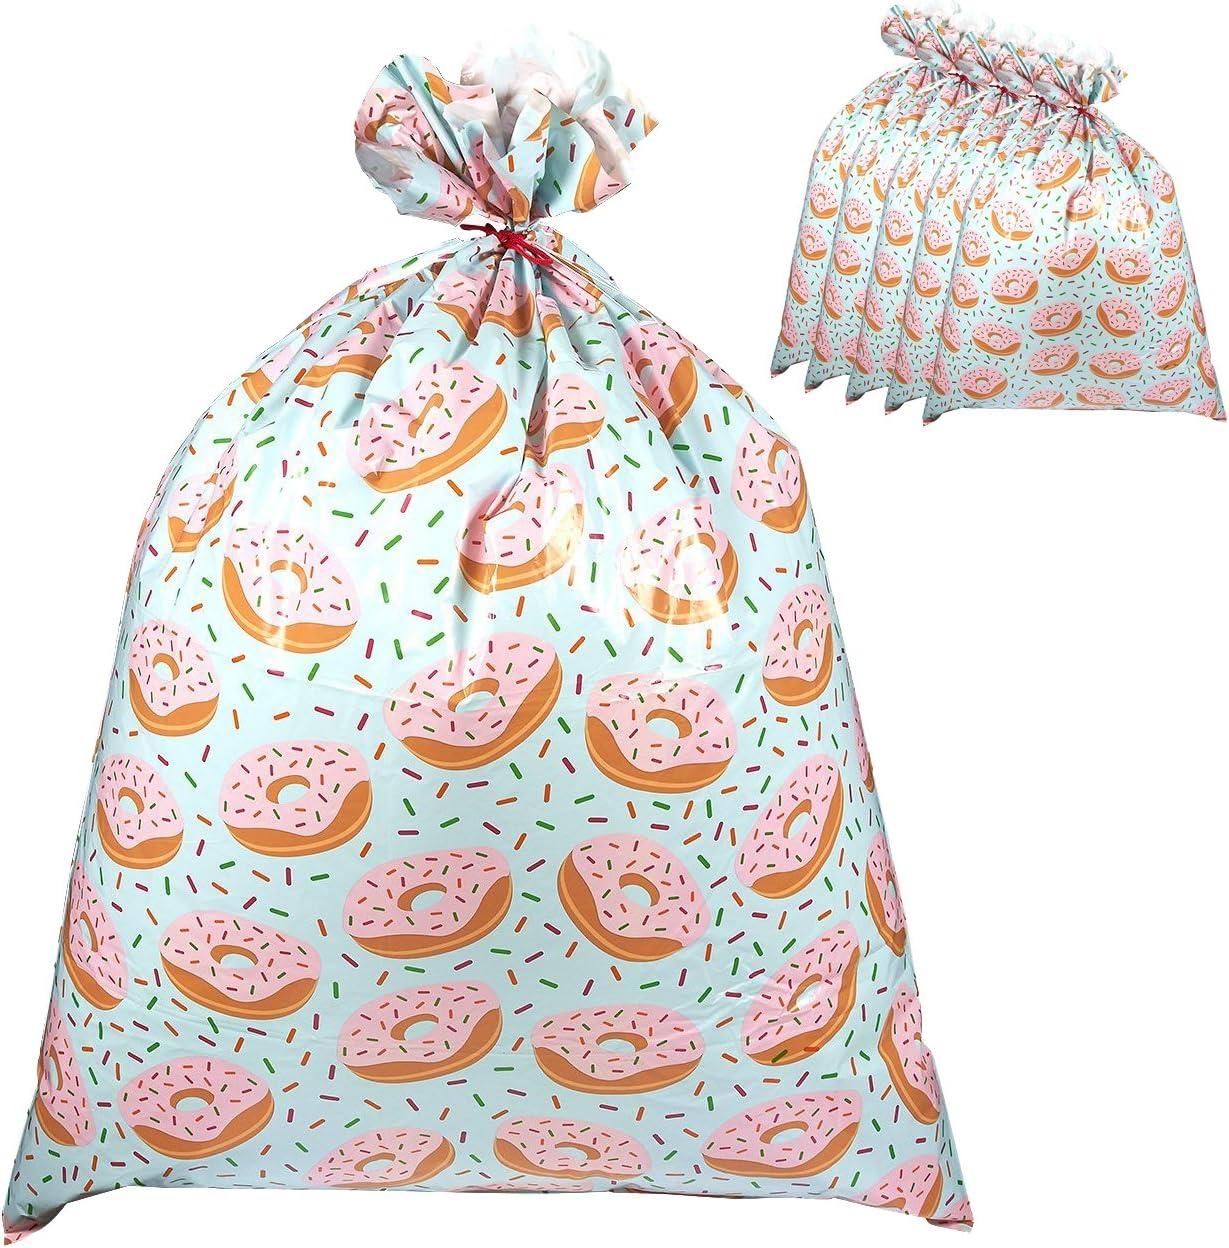 Paquete de 6 bolsas de regalo gigantes de plástico con diseño de donas, perfectas para grandes regalos, incluye cuerdas rojas para atar, 36 x 48 pulgadas